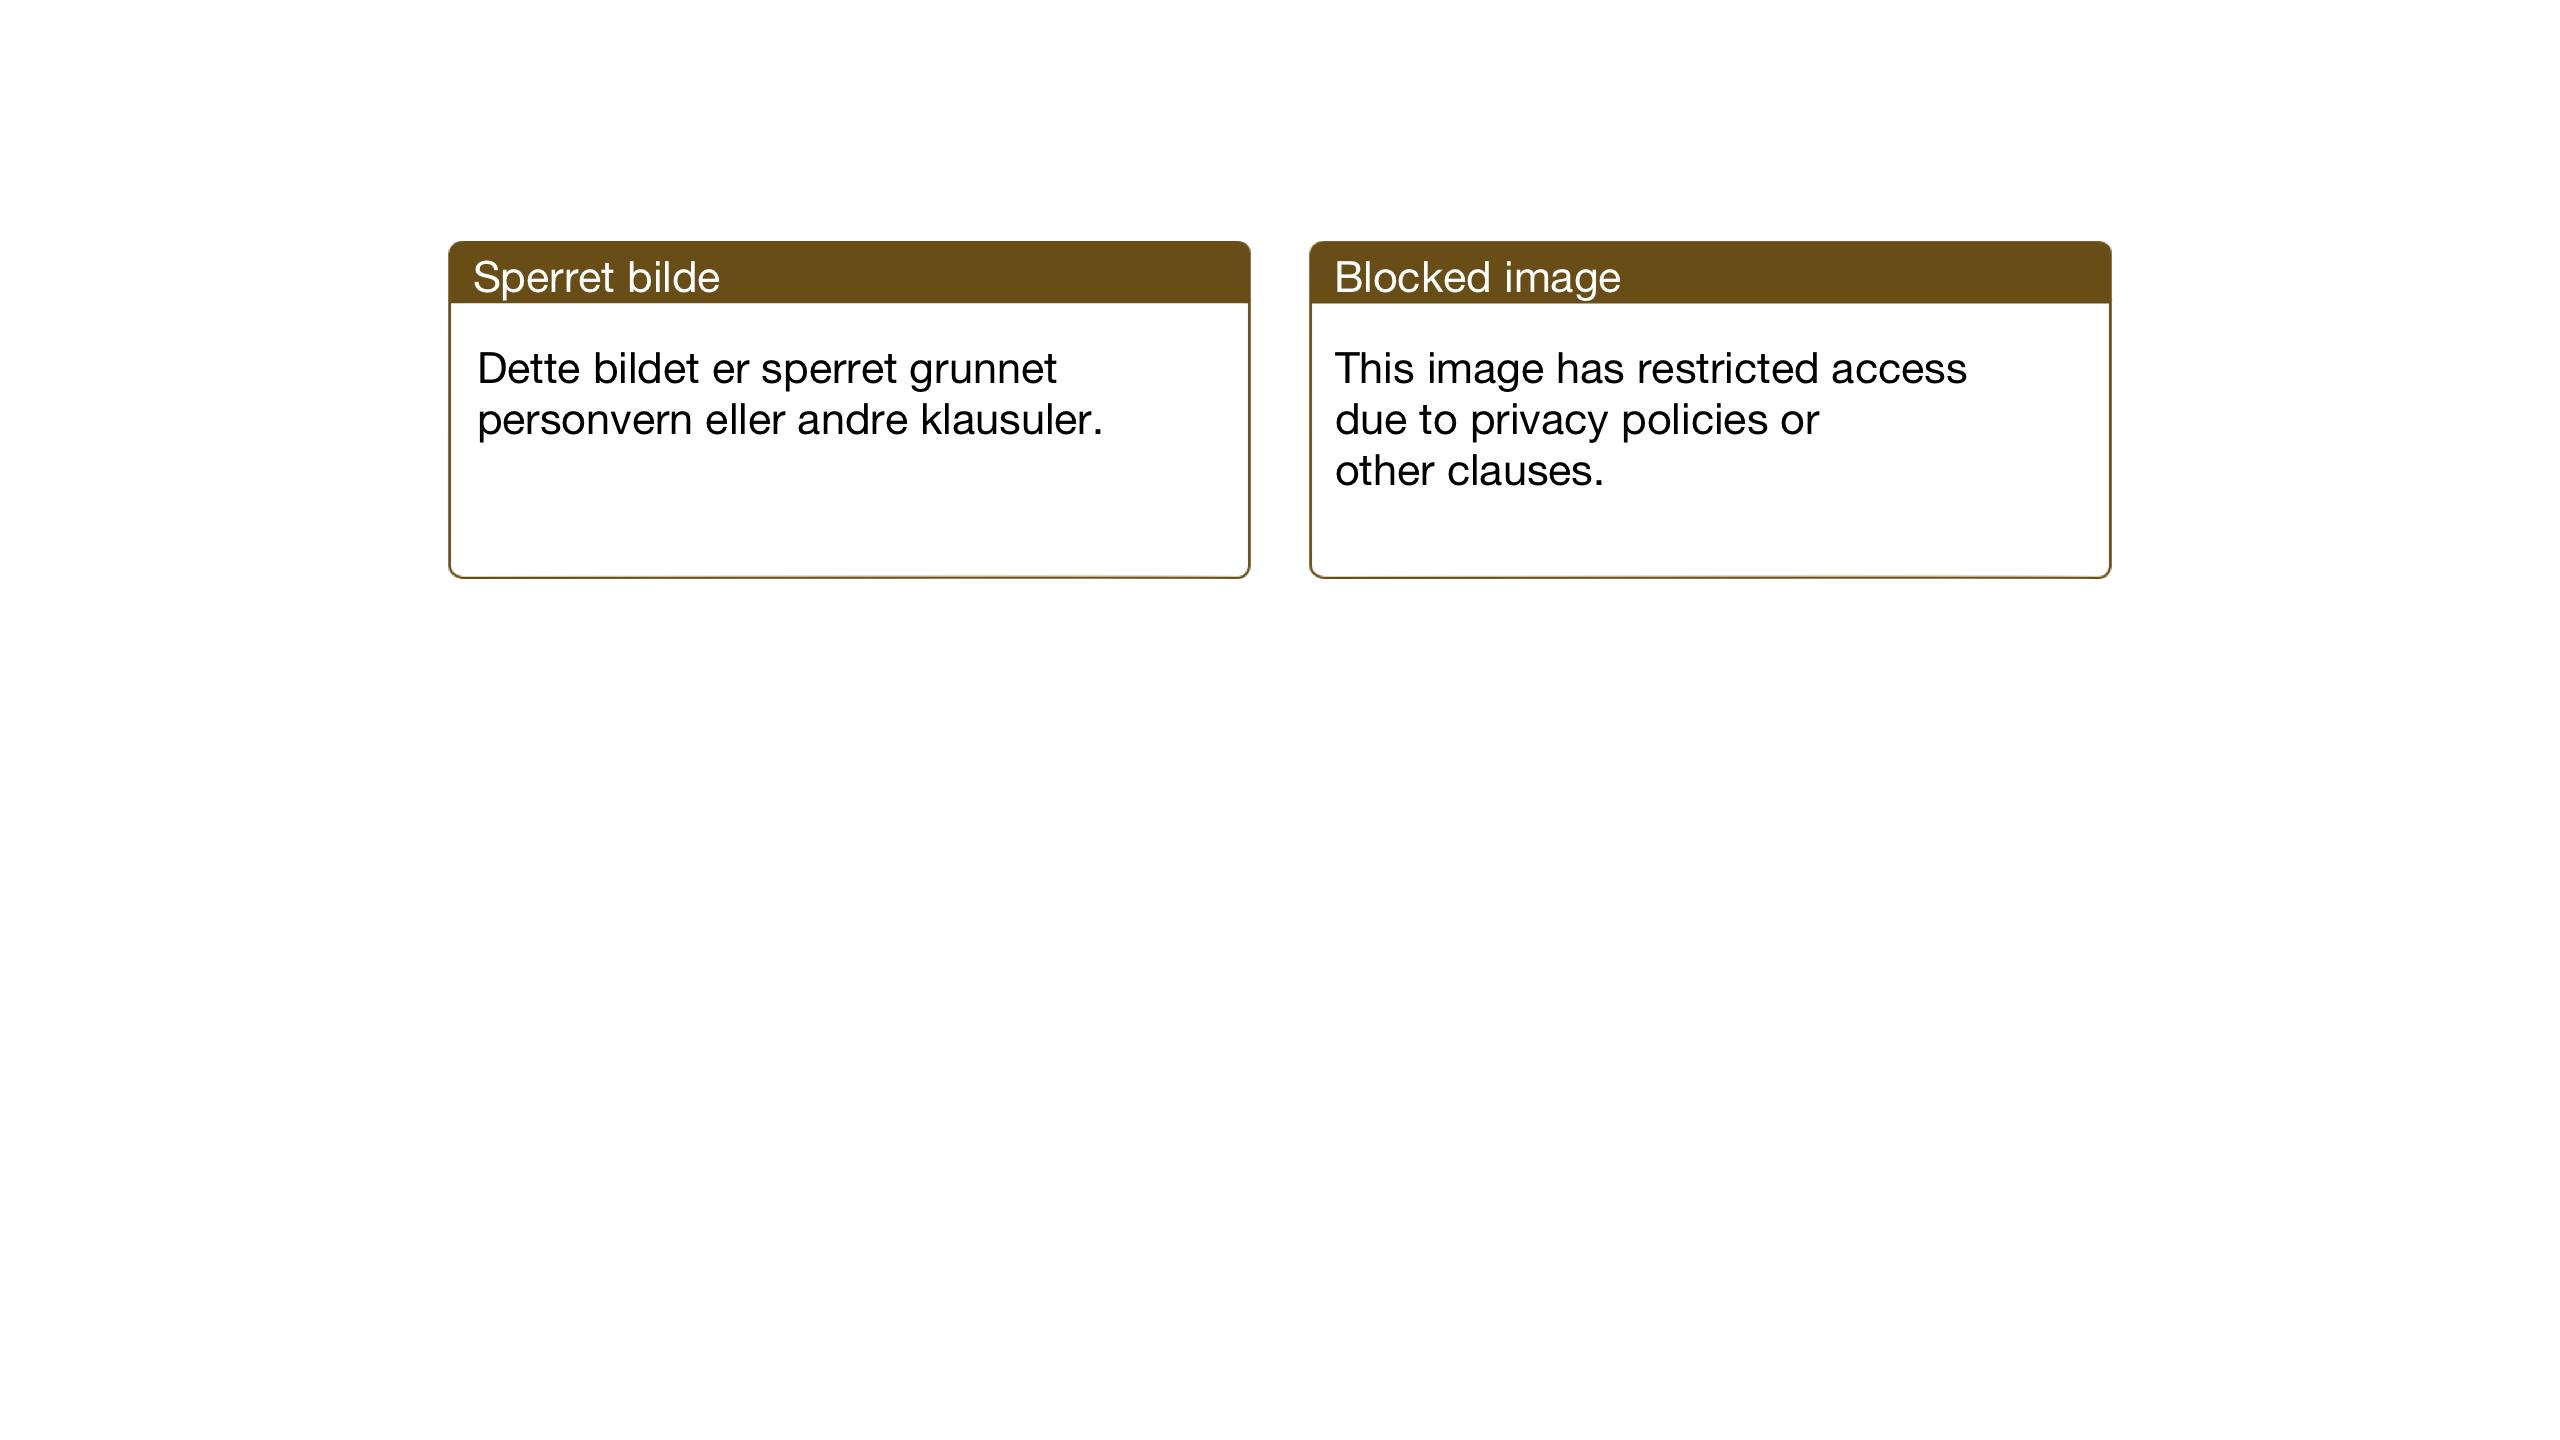 SAT, Ministerialprotokoller, klokkerbøker og fødselsregistre - Nord-Trøndelag, 773/L0625: Klokkerbok nr. 773C01, 1910-1952, s. 76